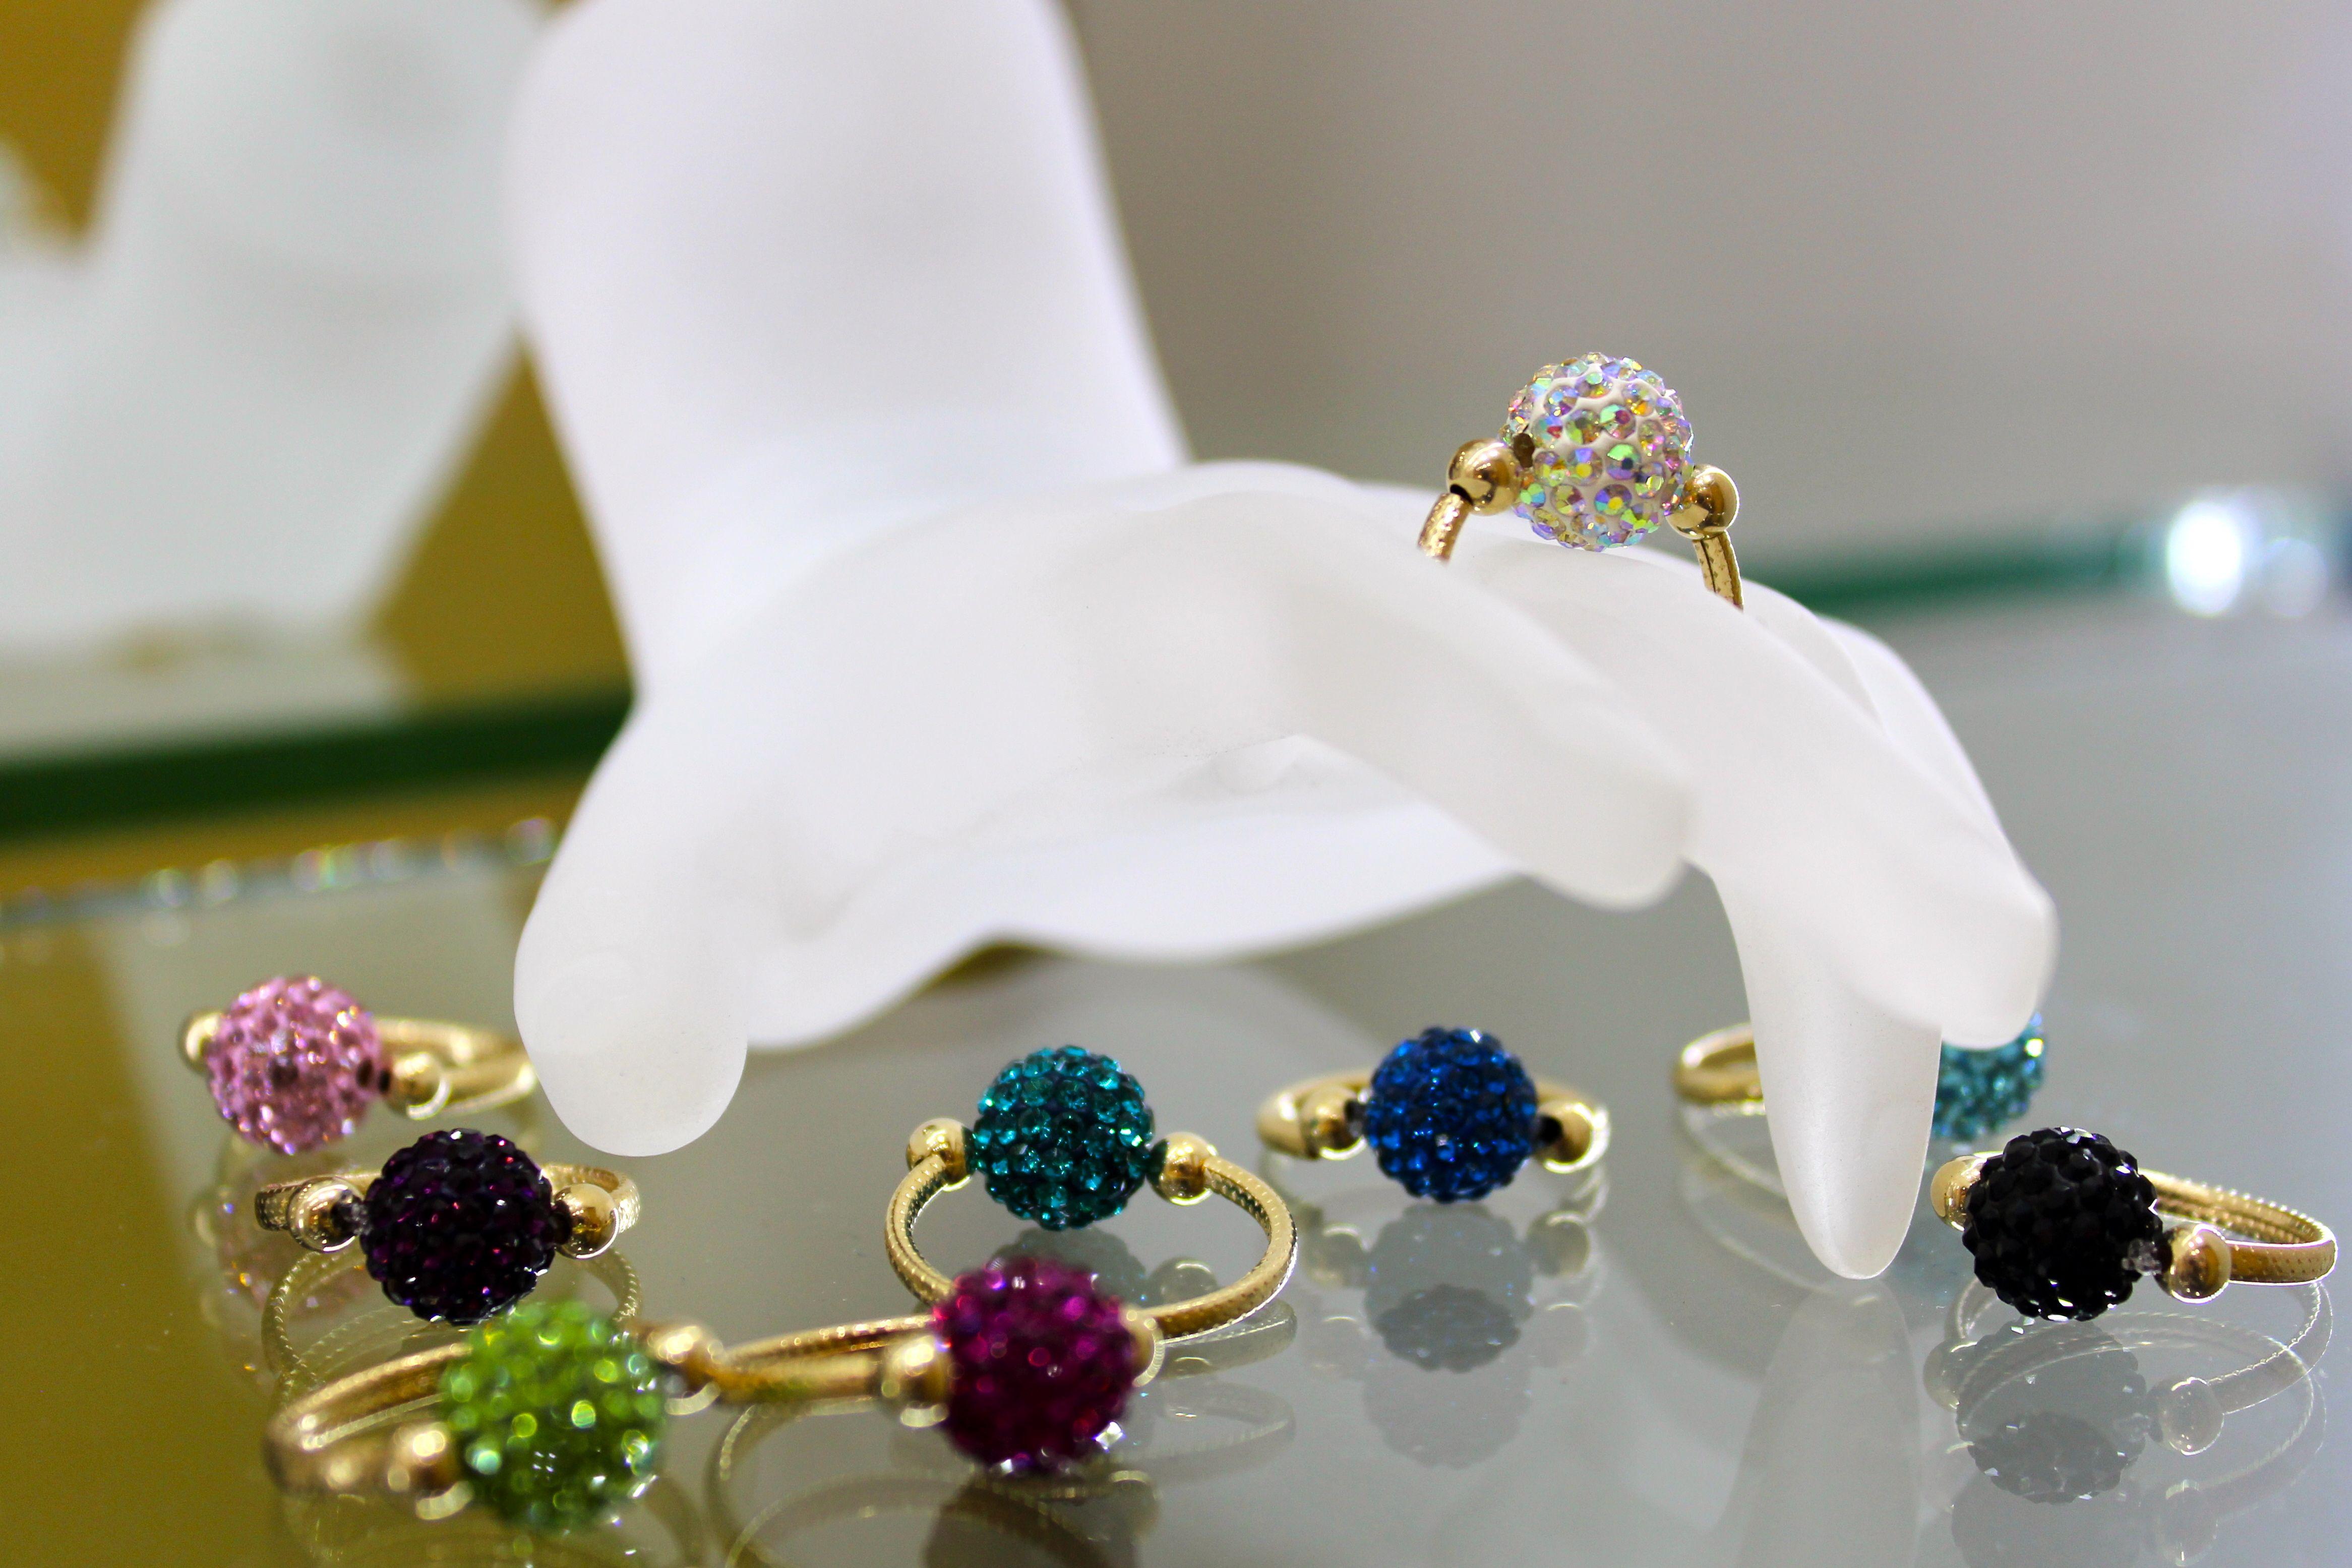 estático Estación Repeler  Anillos Oro Laminado y Cristal Swarovski | Cristal de swarovski, Anillos de  oro, Bisuteria